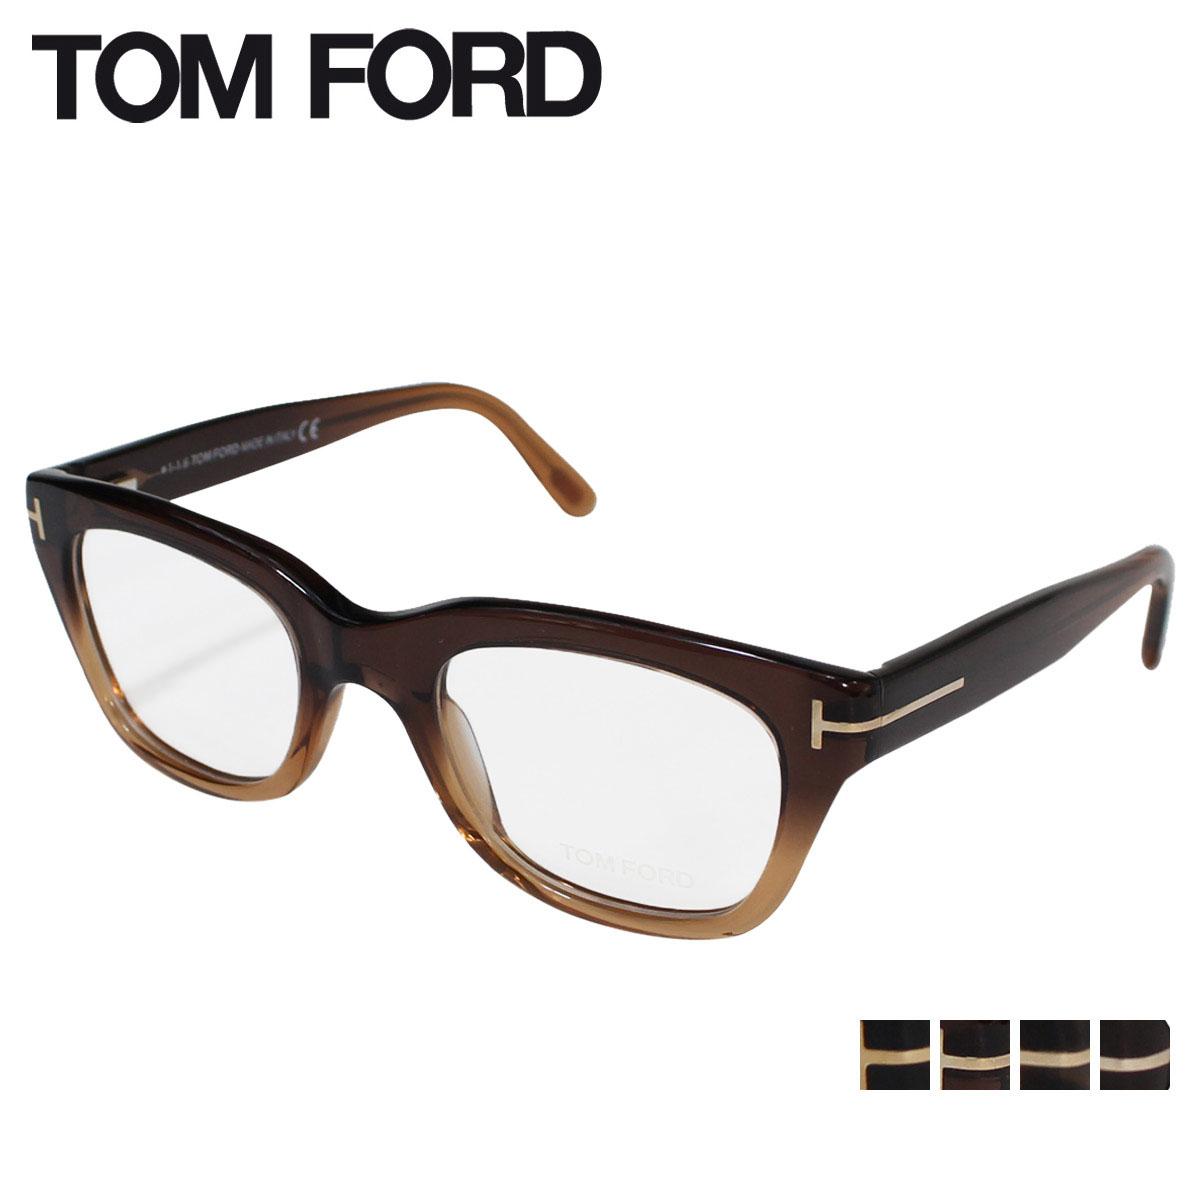 TOM FORD トムフォード サングラス メンズ レディース アイウェア イタリア製 ACETATE FRAMES ブラック ブラウン 黒 FT5178